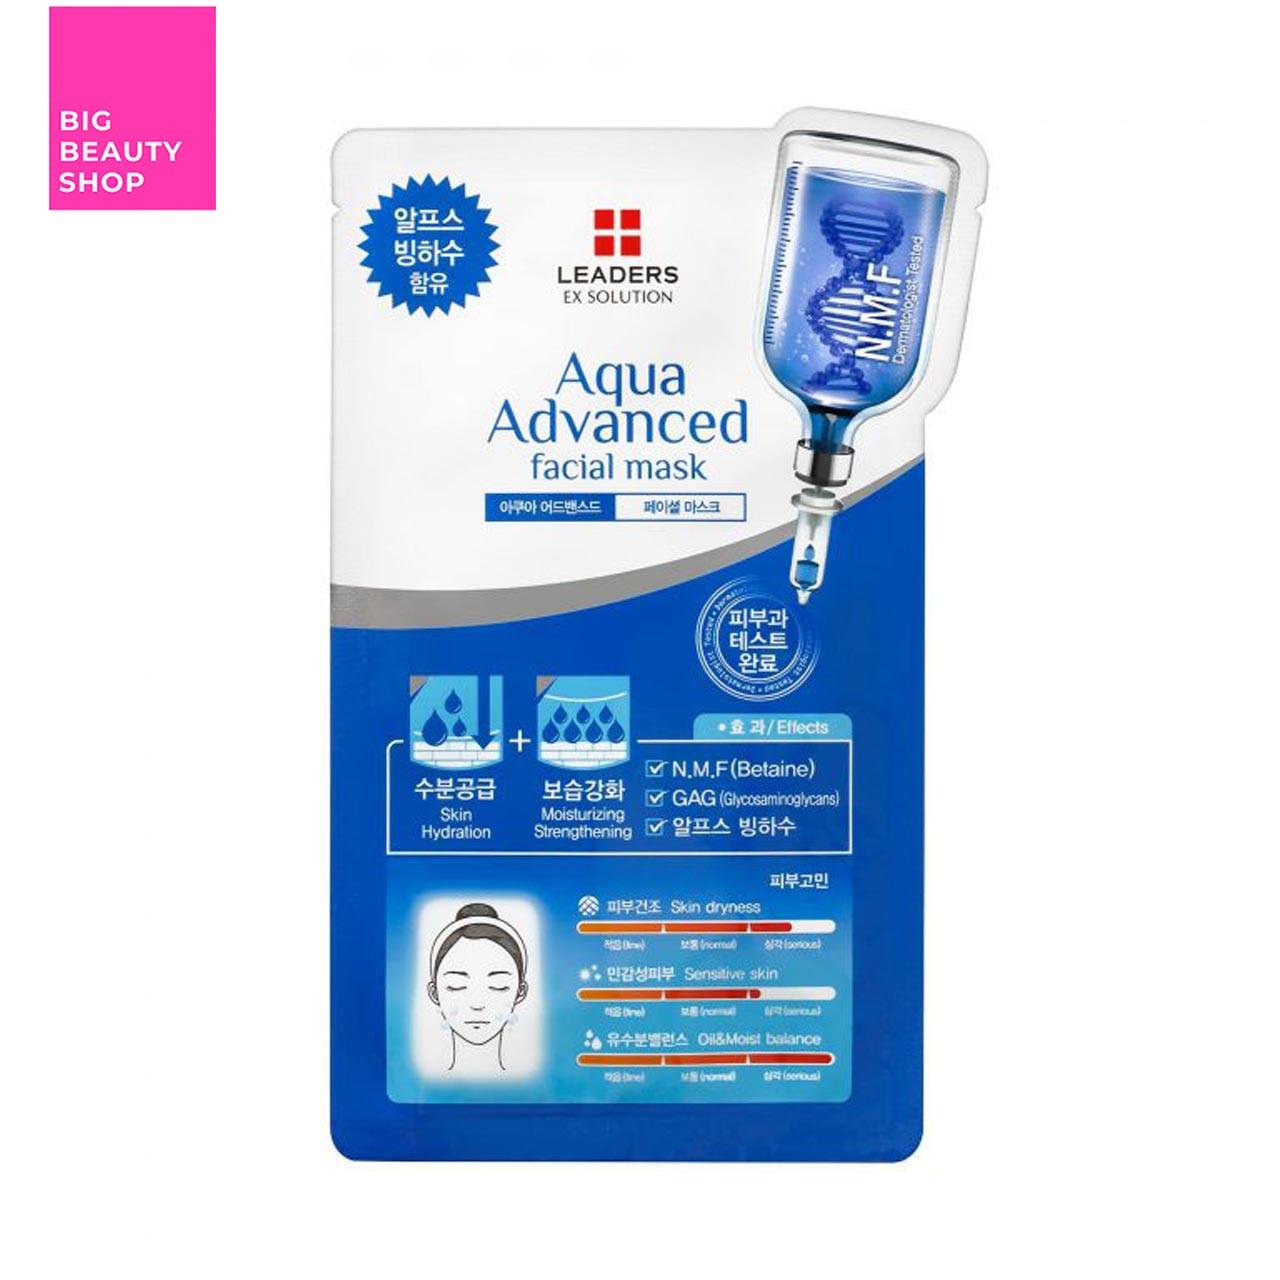 Маска для лица Aqua Advanced Facial Mask